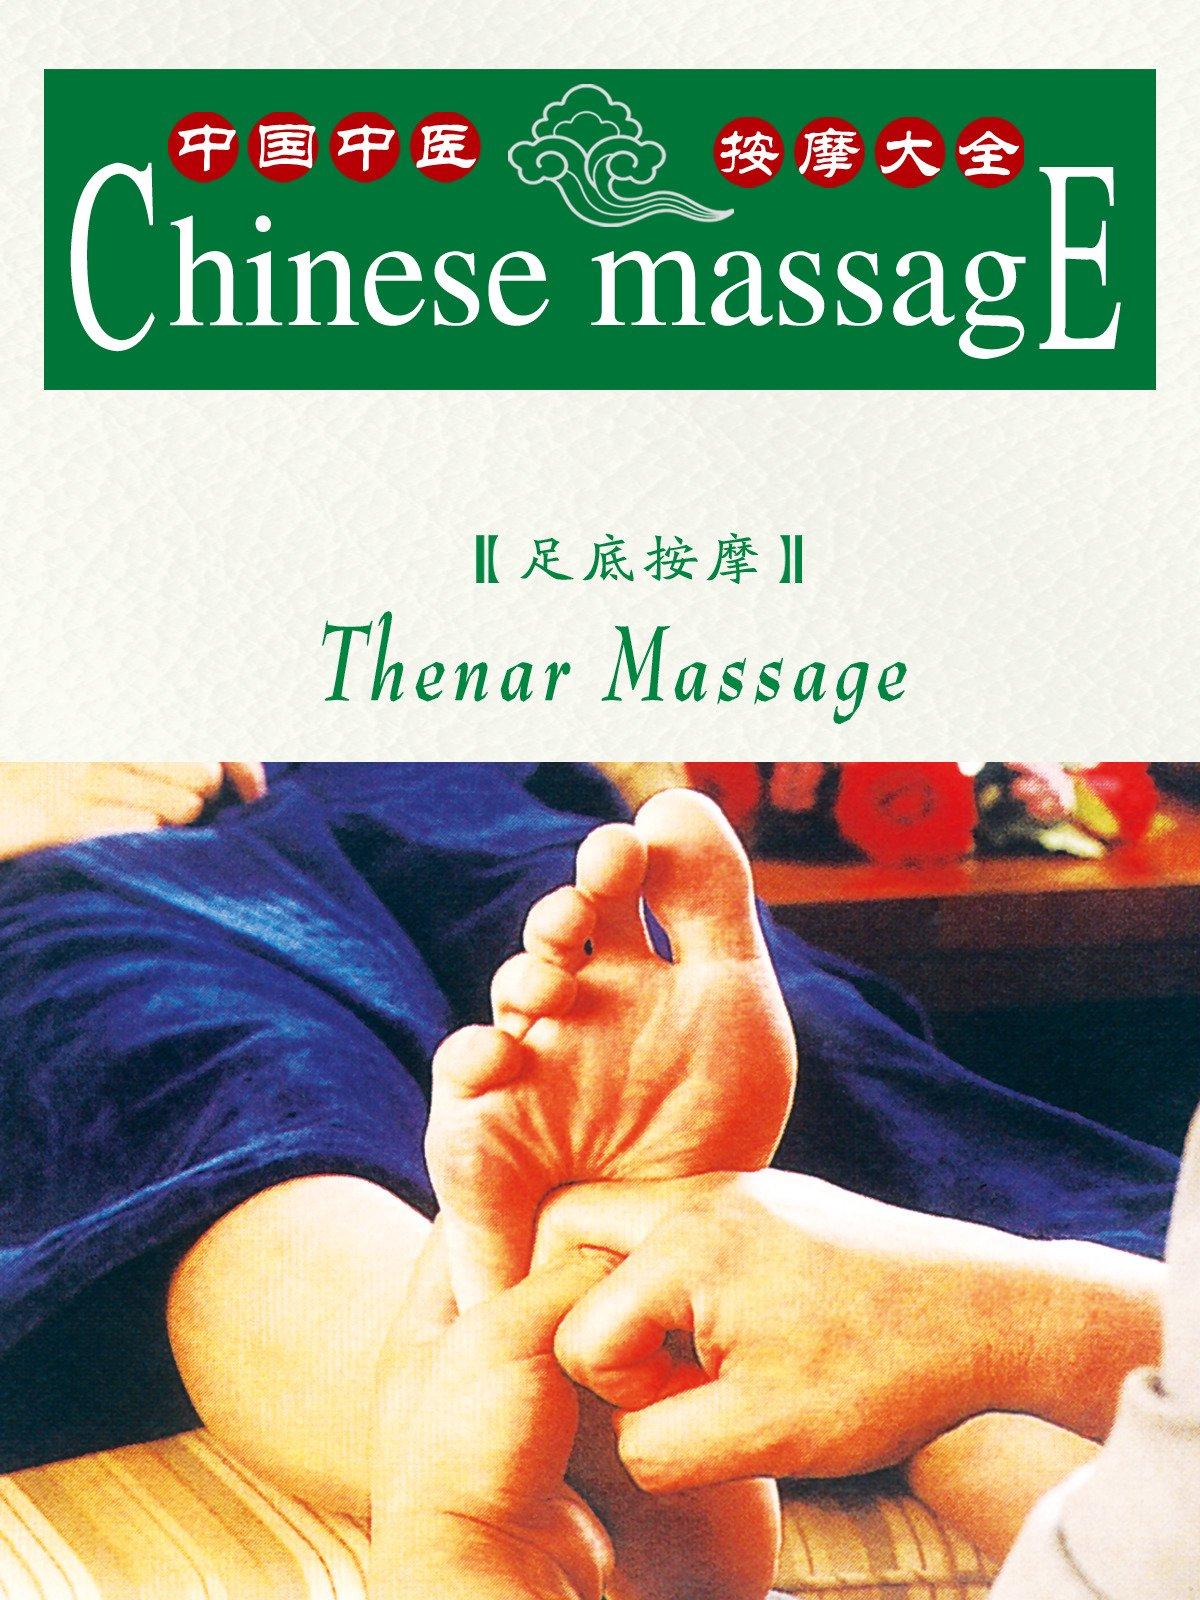 Chinese Massage-Thenar Massage